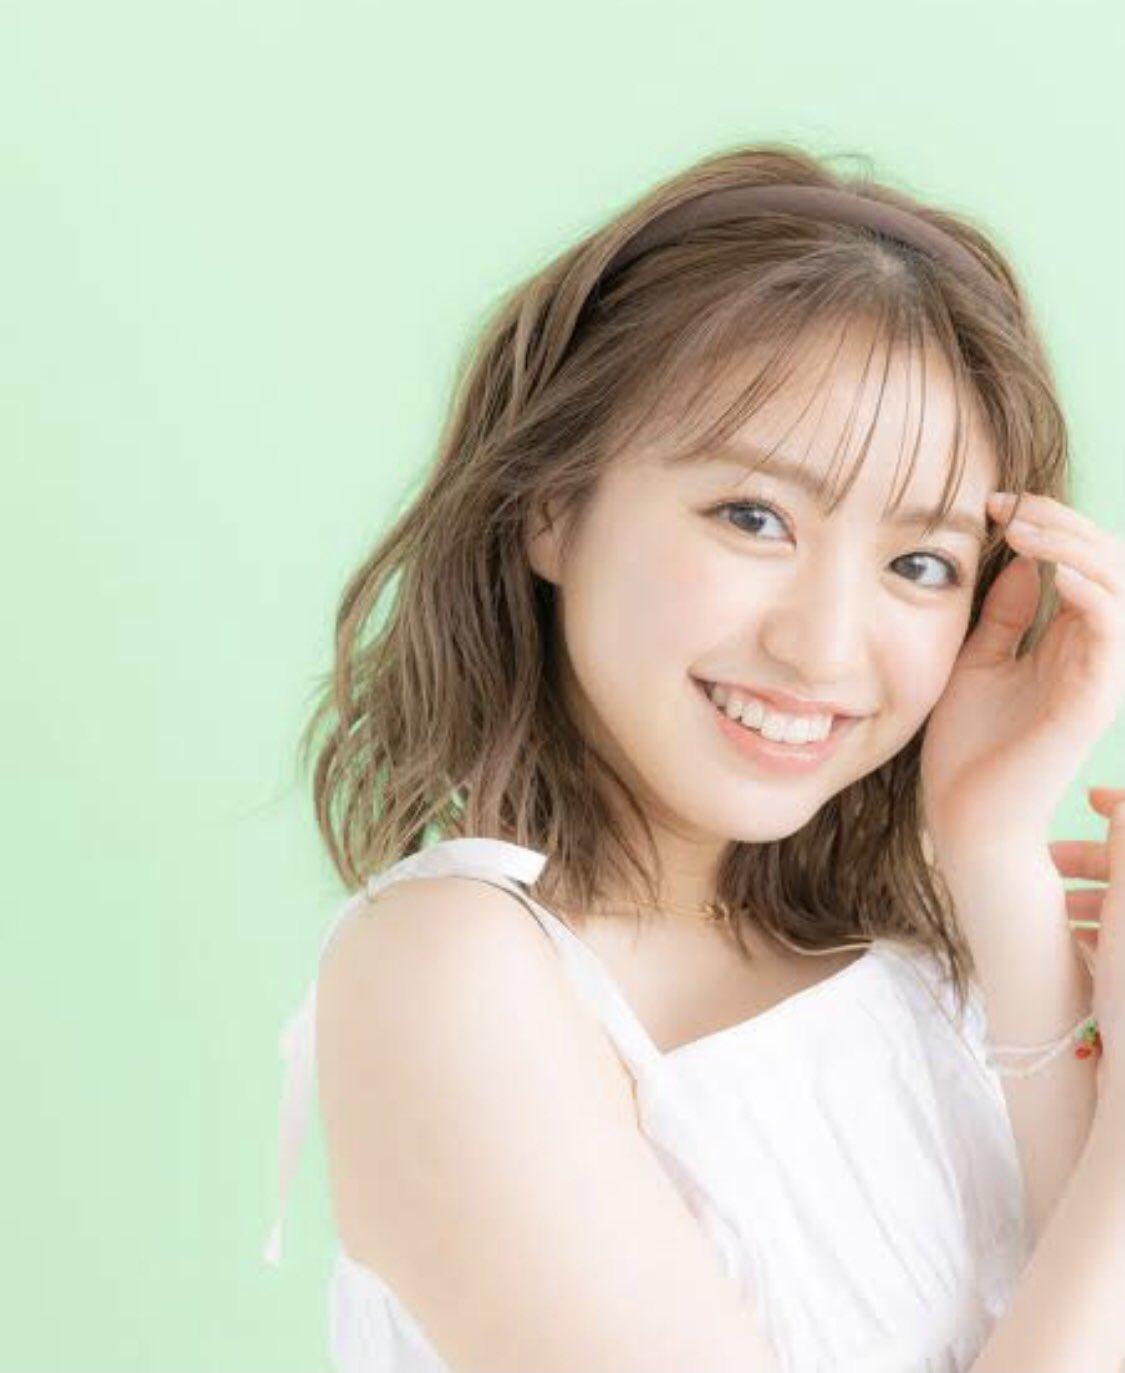 野々村真さんの娘、香音さん顔画像3